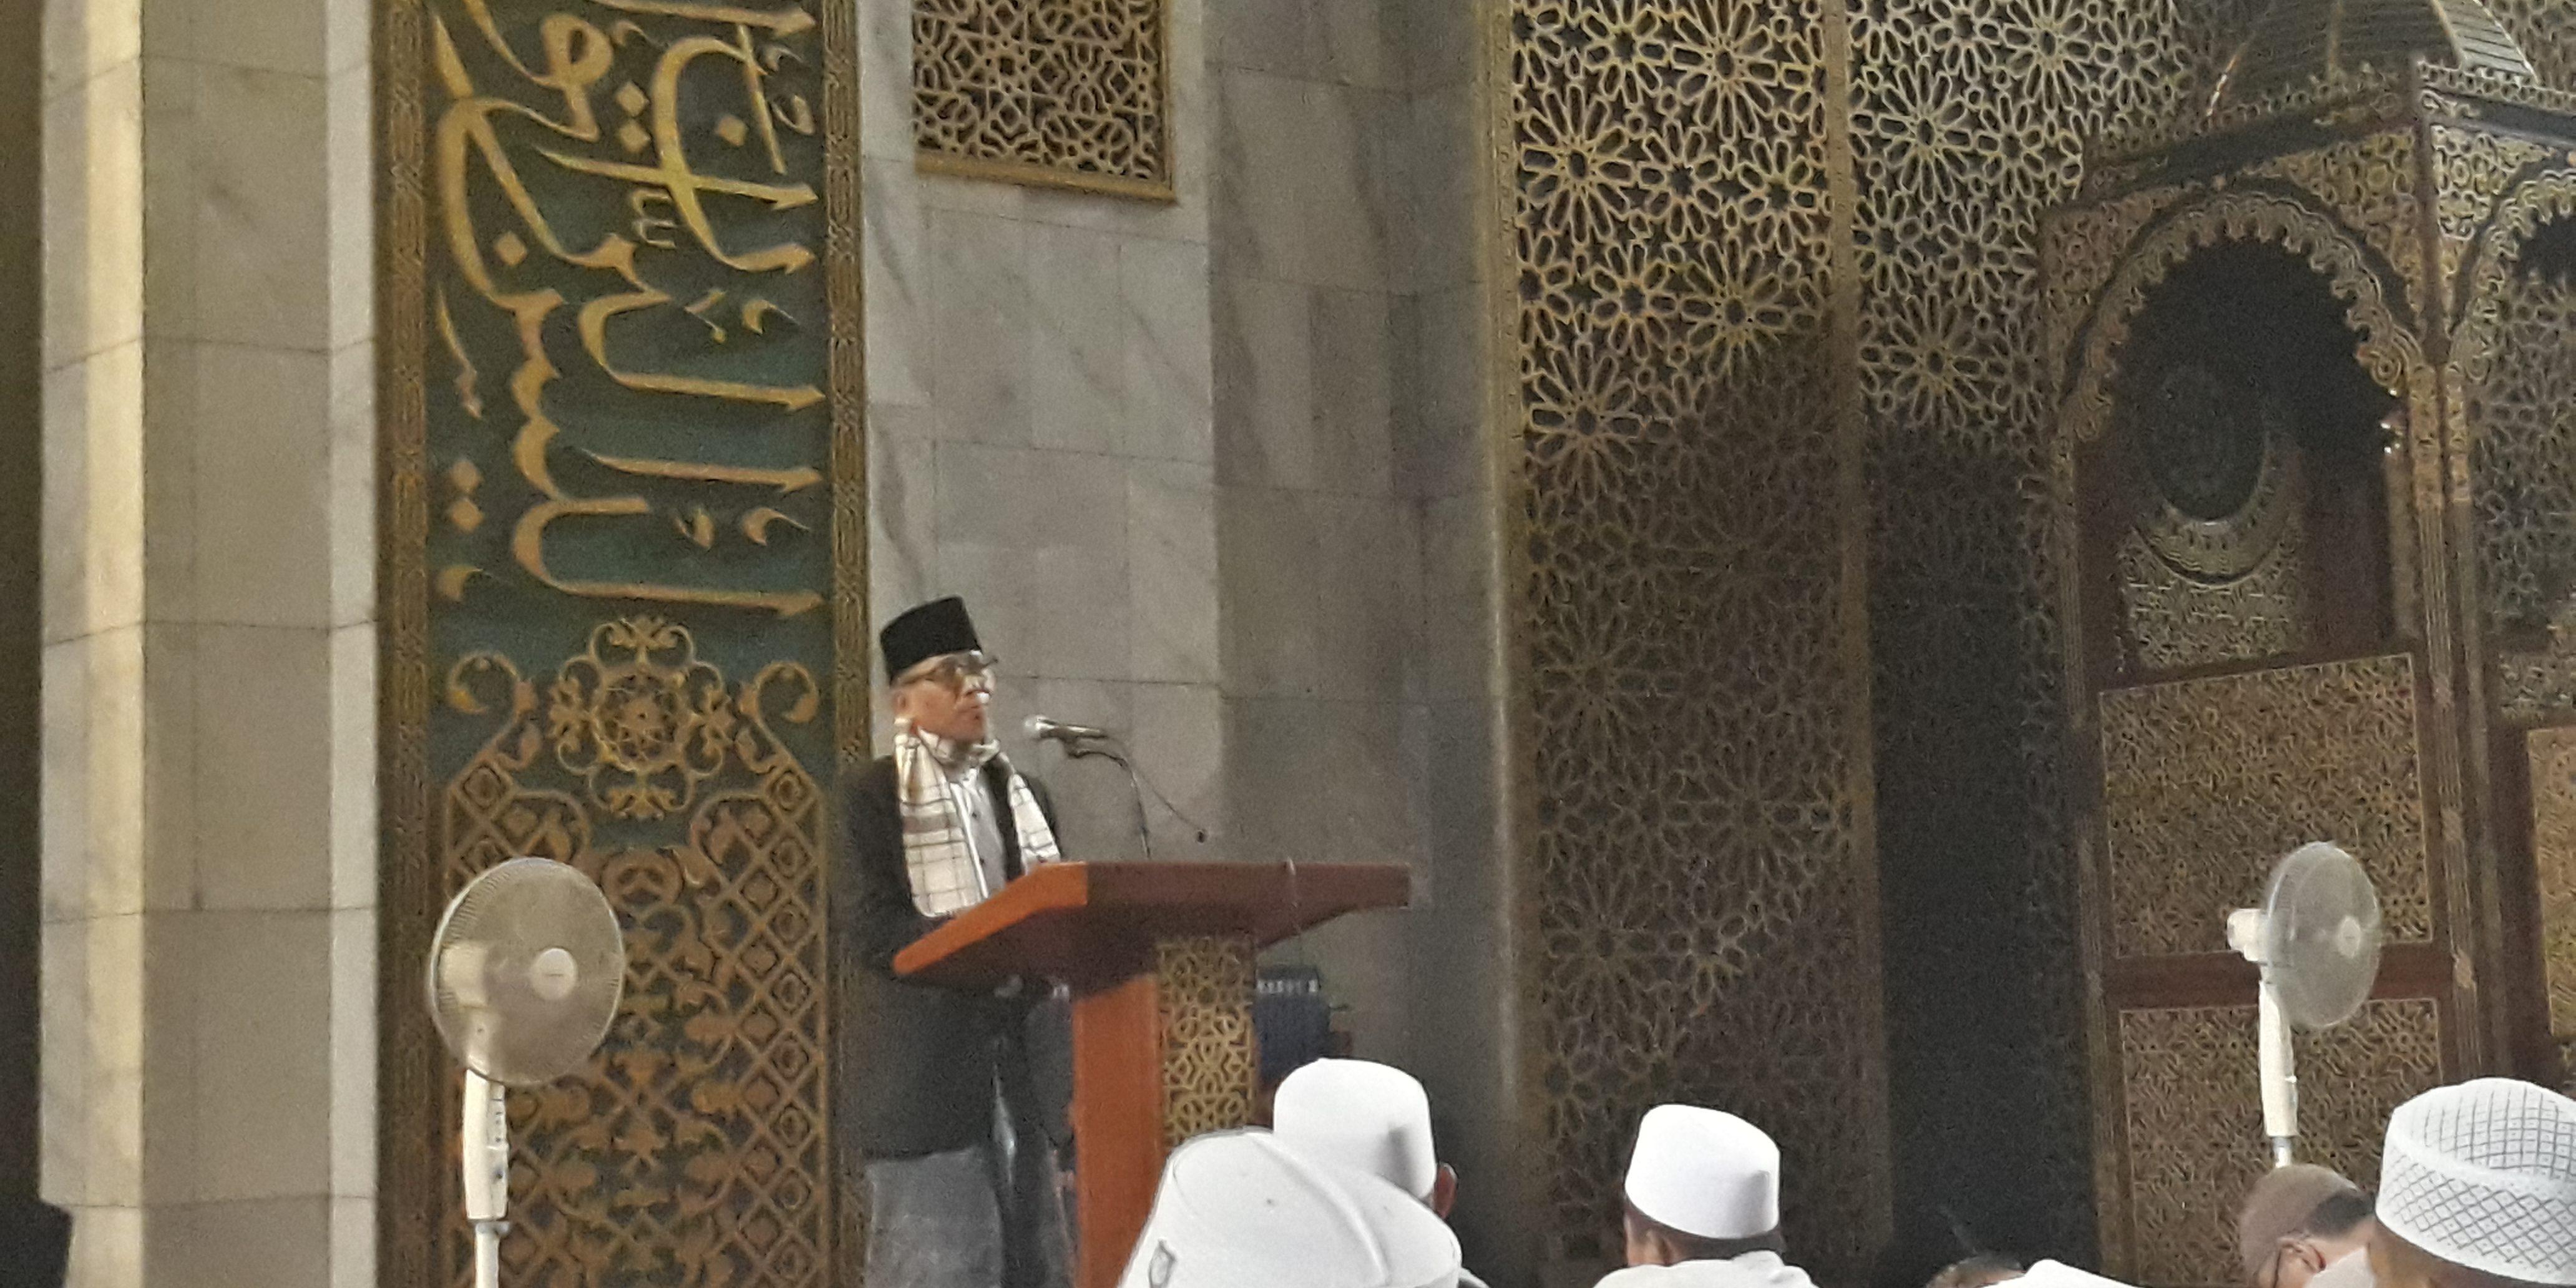 Prof Ali Aziz: Wudhu Menghilangkan Kotoran Hati - Masjid ...